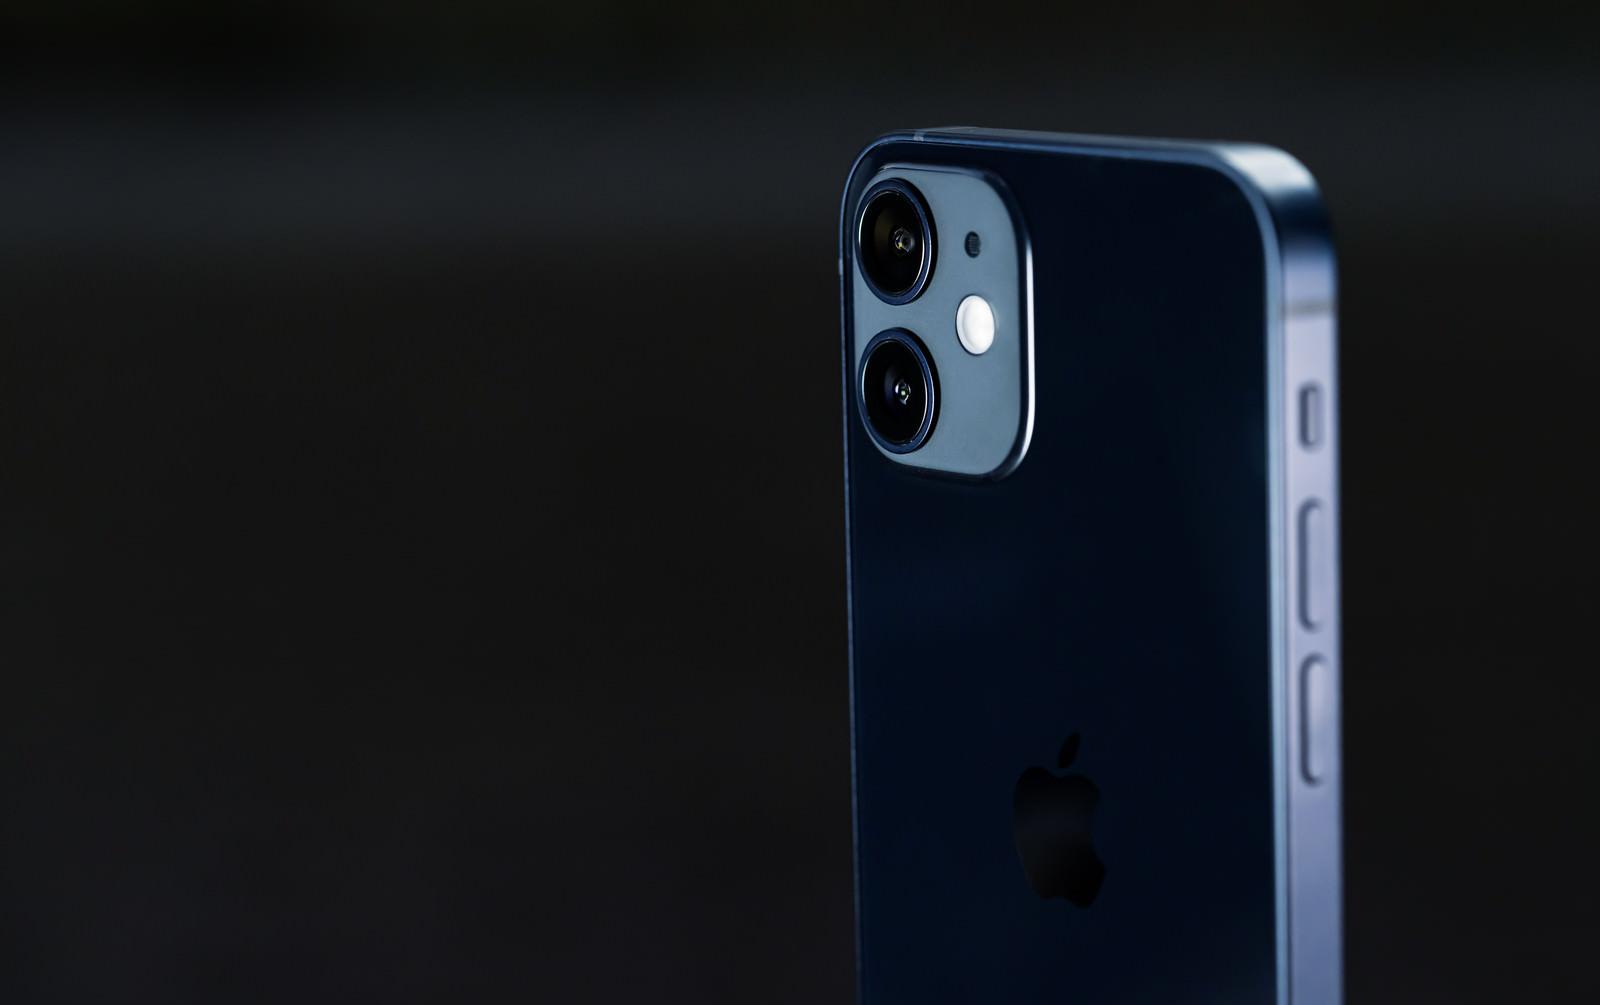 「暗闇に浮かび上がる iPhone 12」の写真